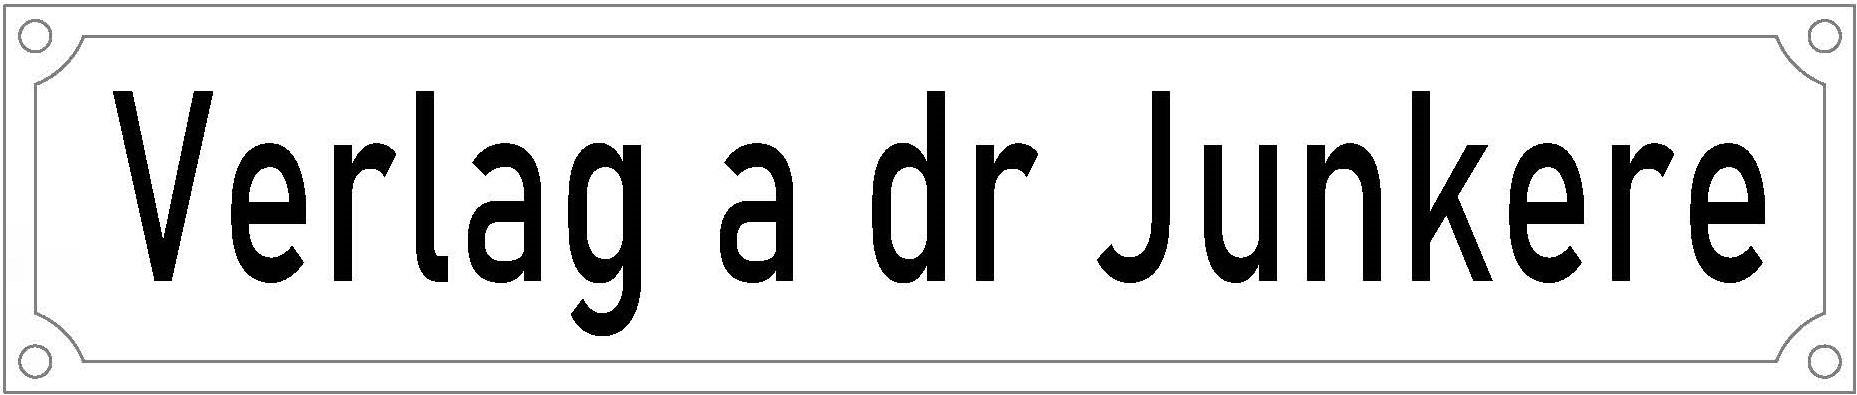 Verlag a dr Junkere